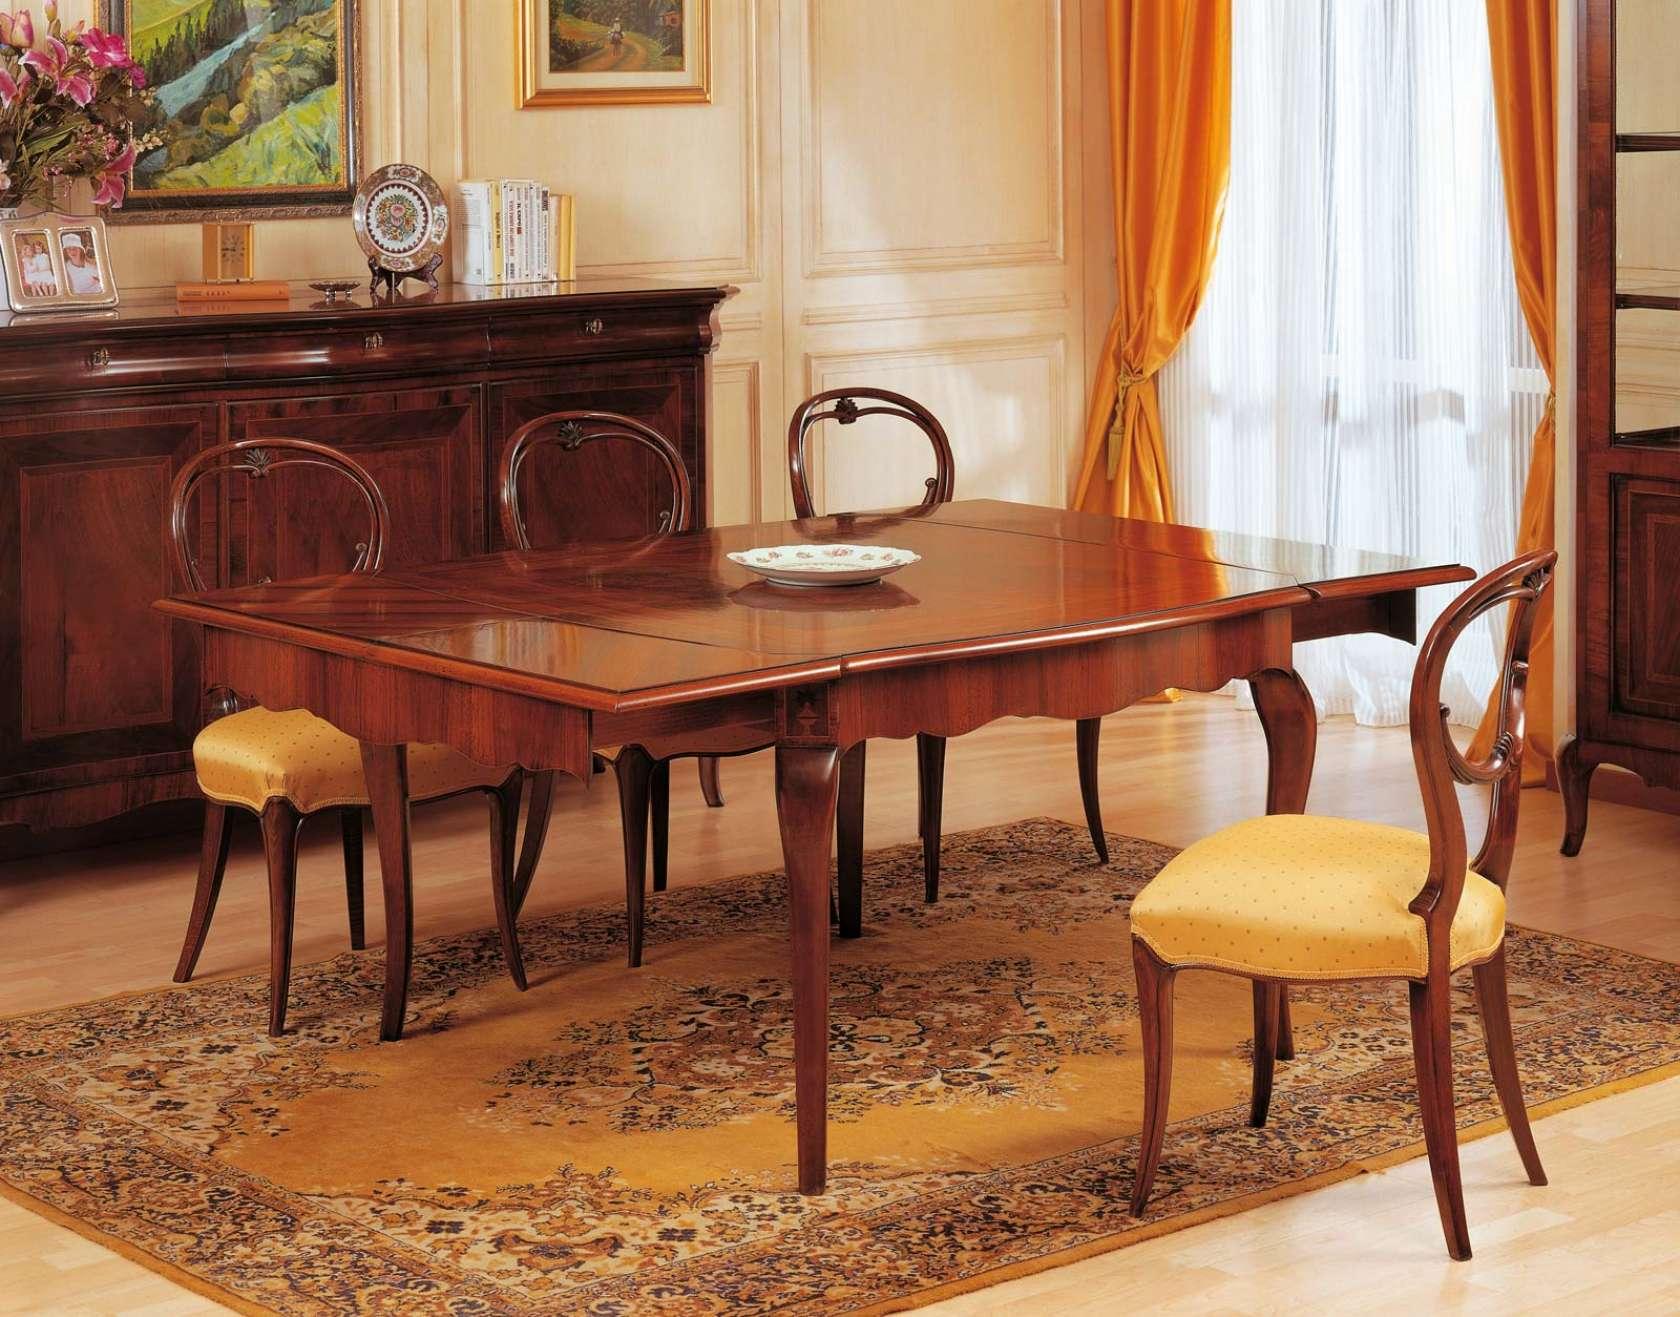 Tavolo allungabile 800 francese vimercati meda - Tavoli da pranzo classici ...